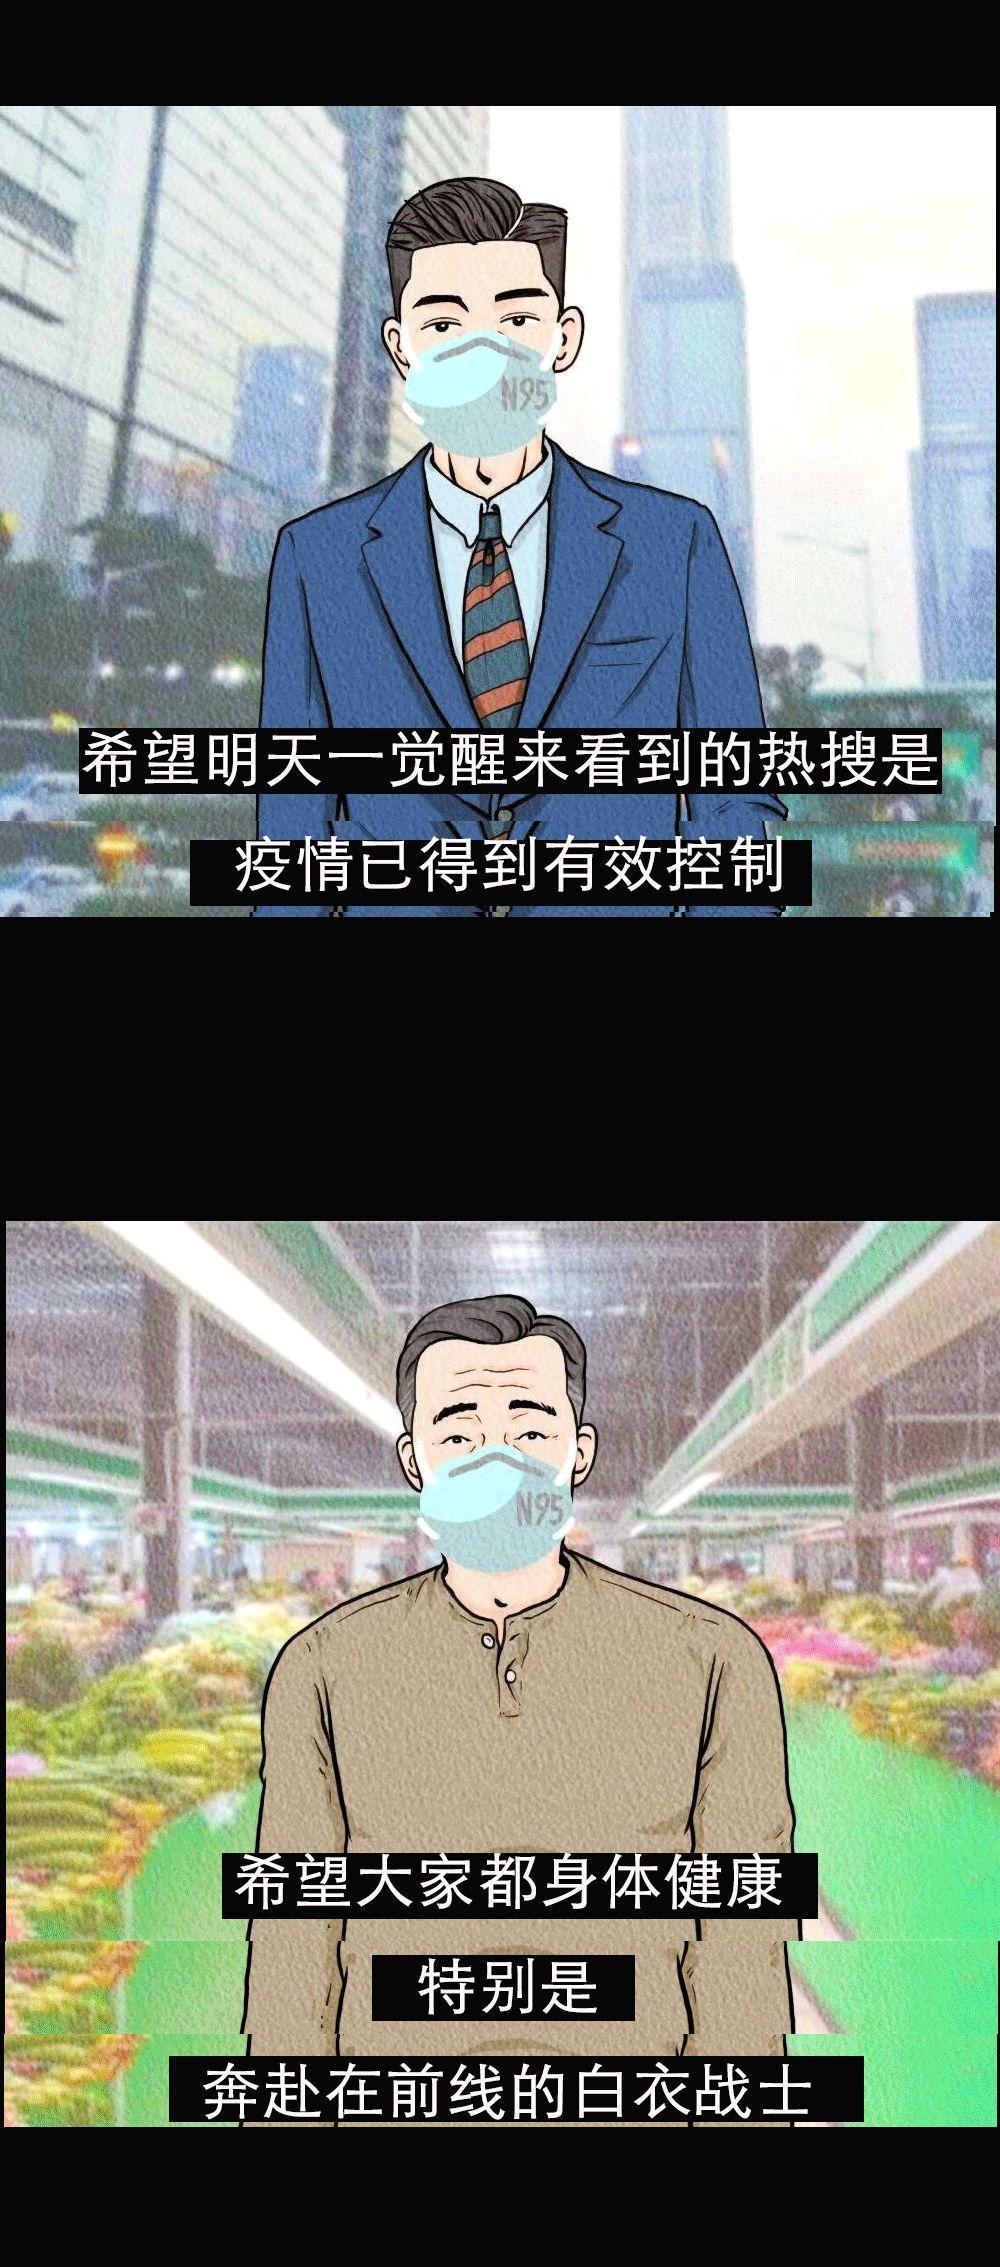 武汉肺炎爆发背后:比病毒更可怕的,是你的傲慢